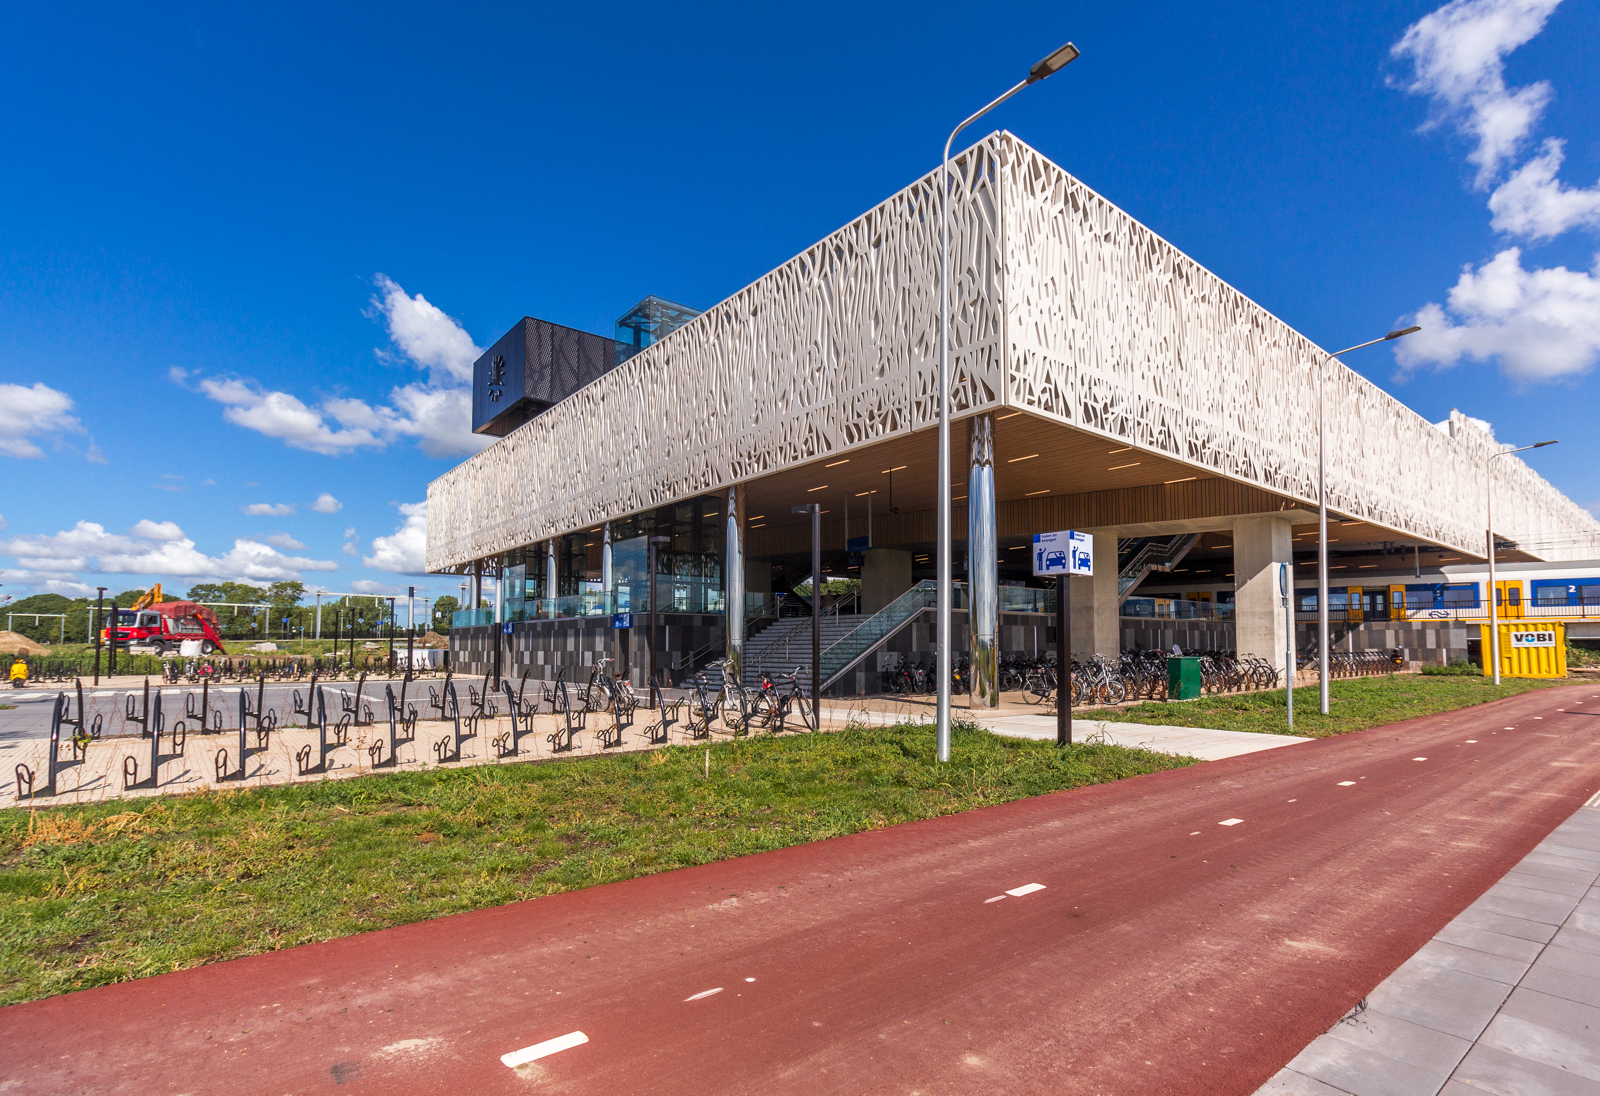 station-lansingerland-zoetermeer-7390